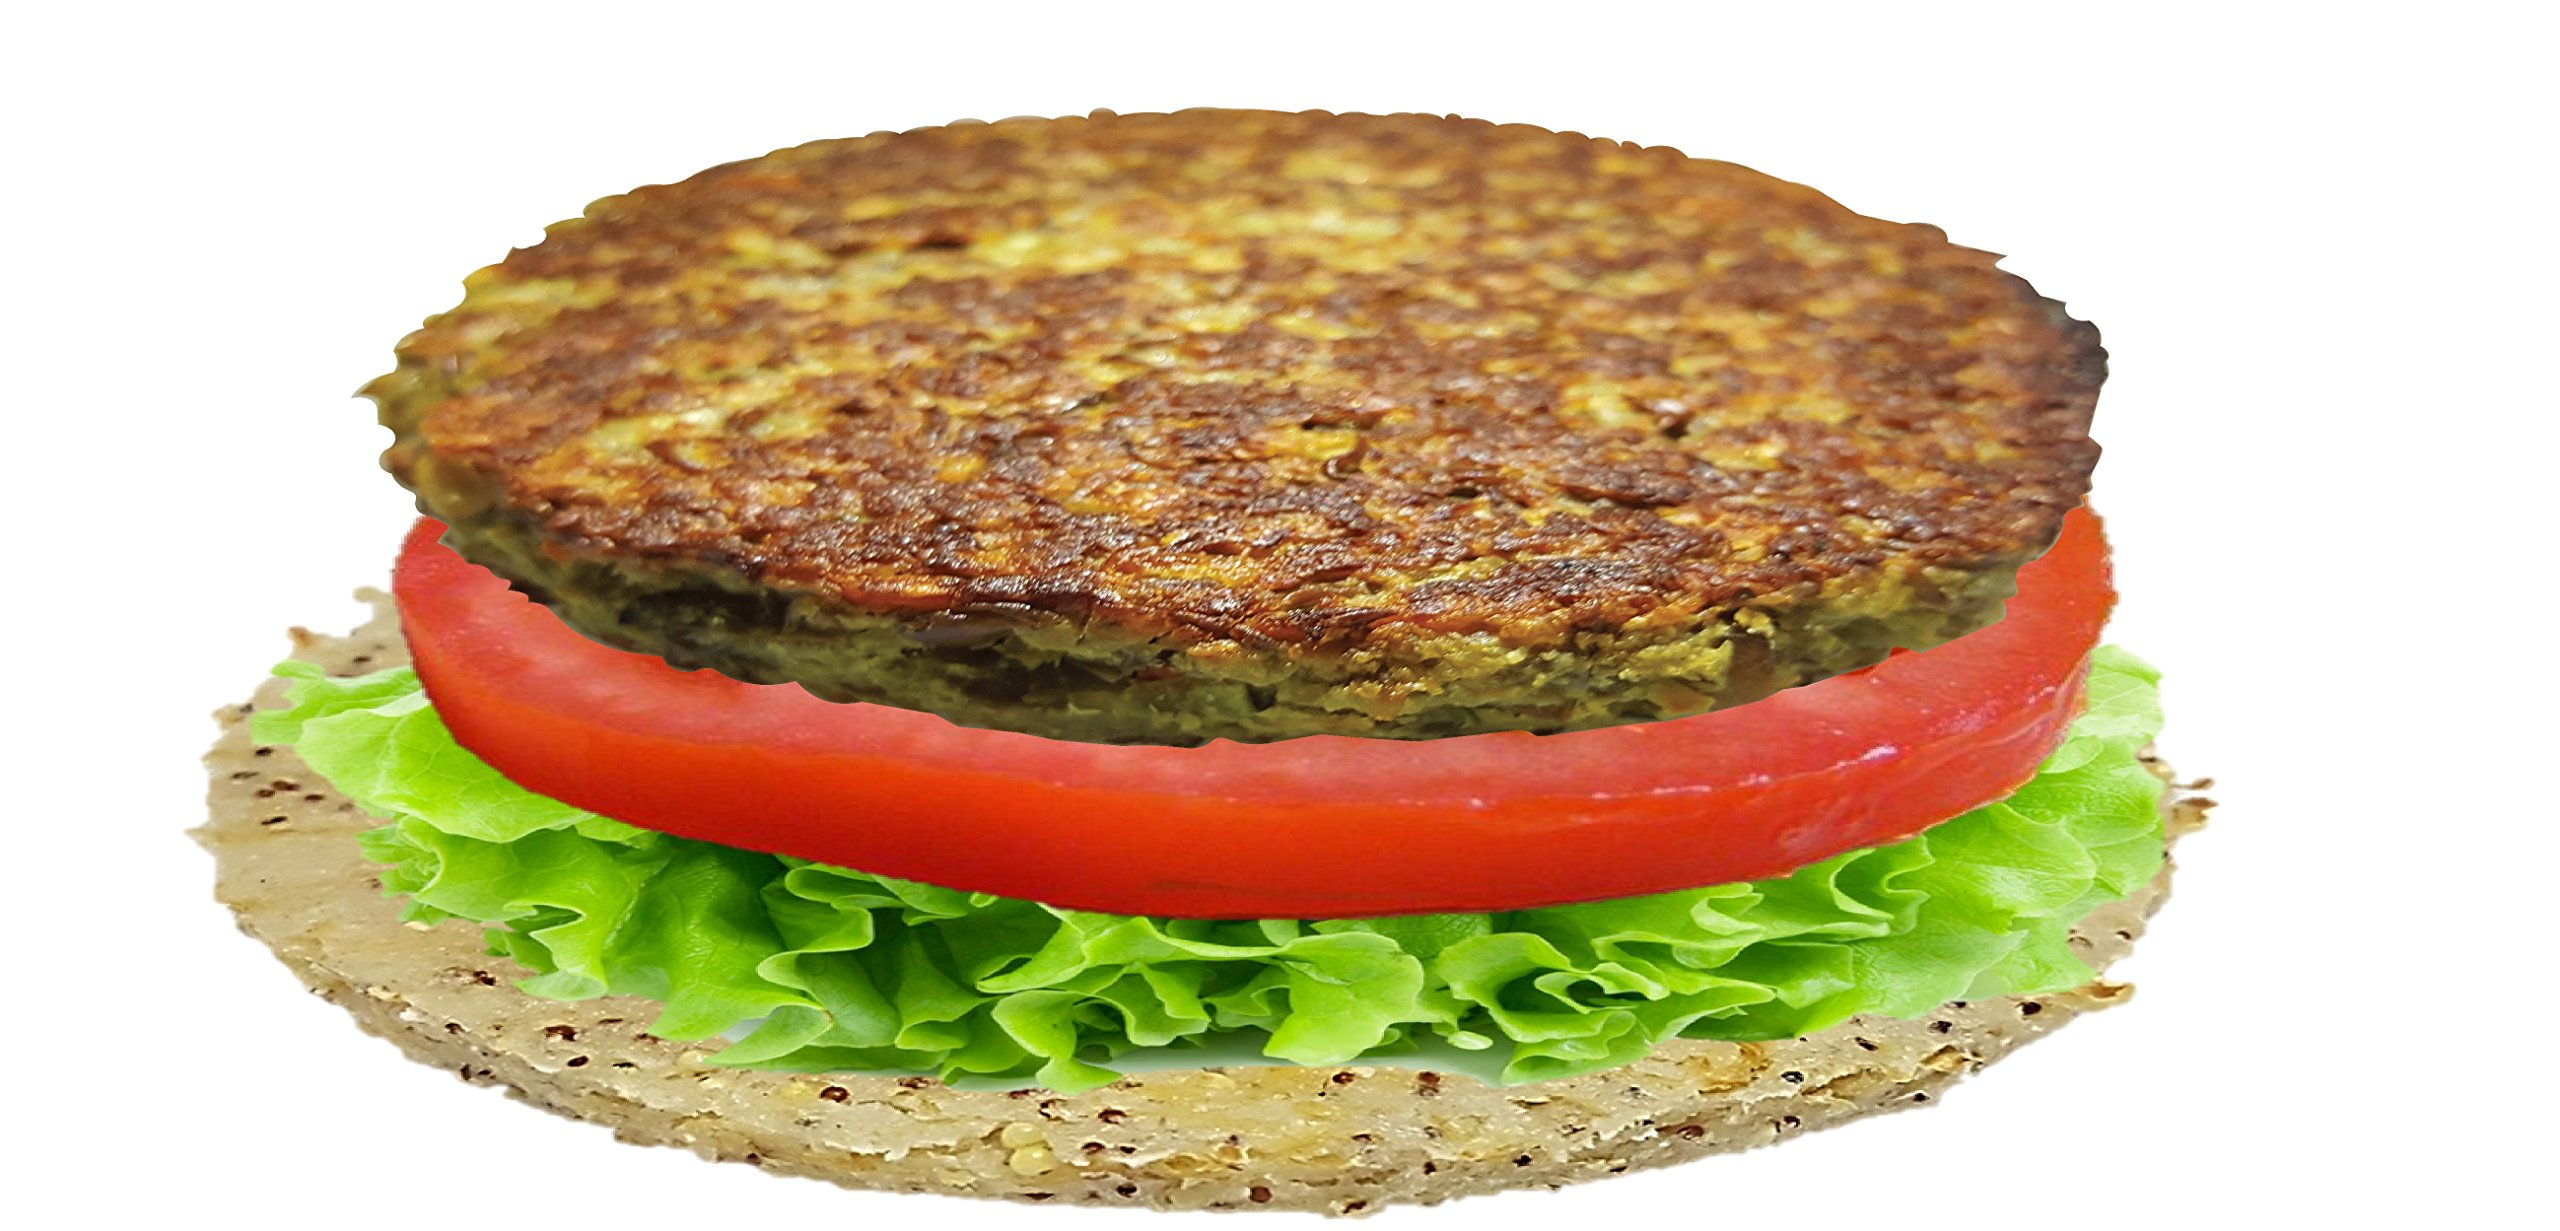 VB Lentil Vegan Burgers (4 Packs of 5 Burgers) (20 burgers)